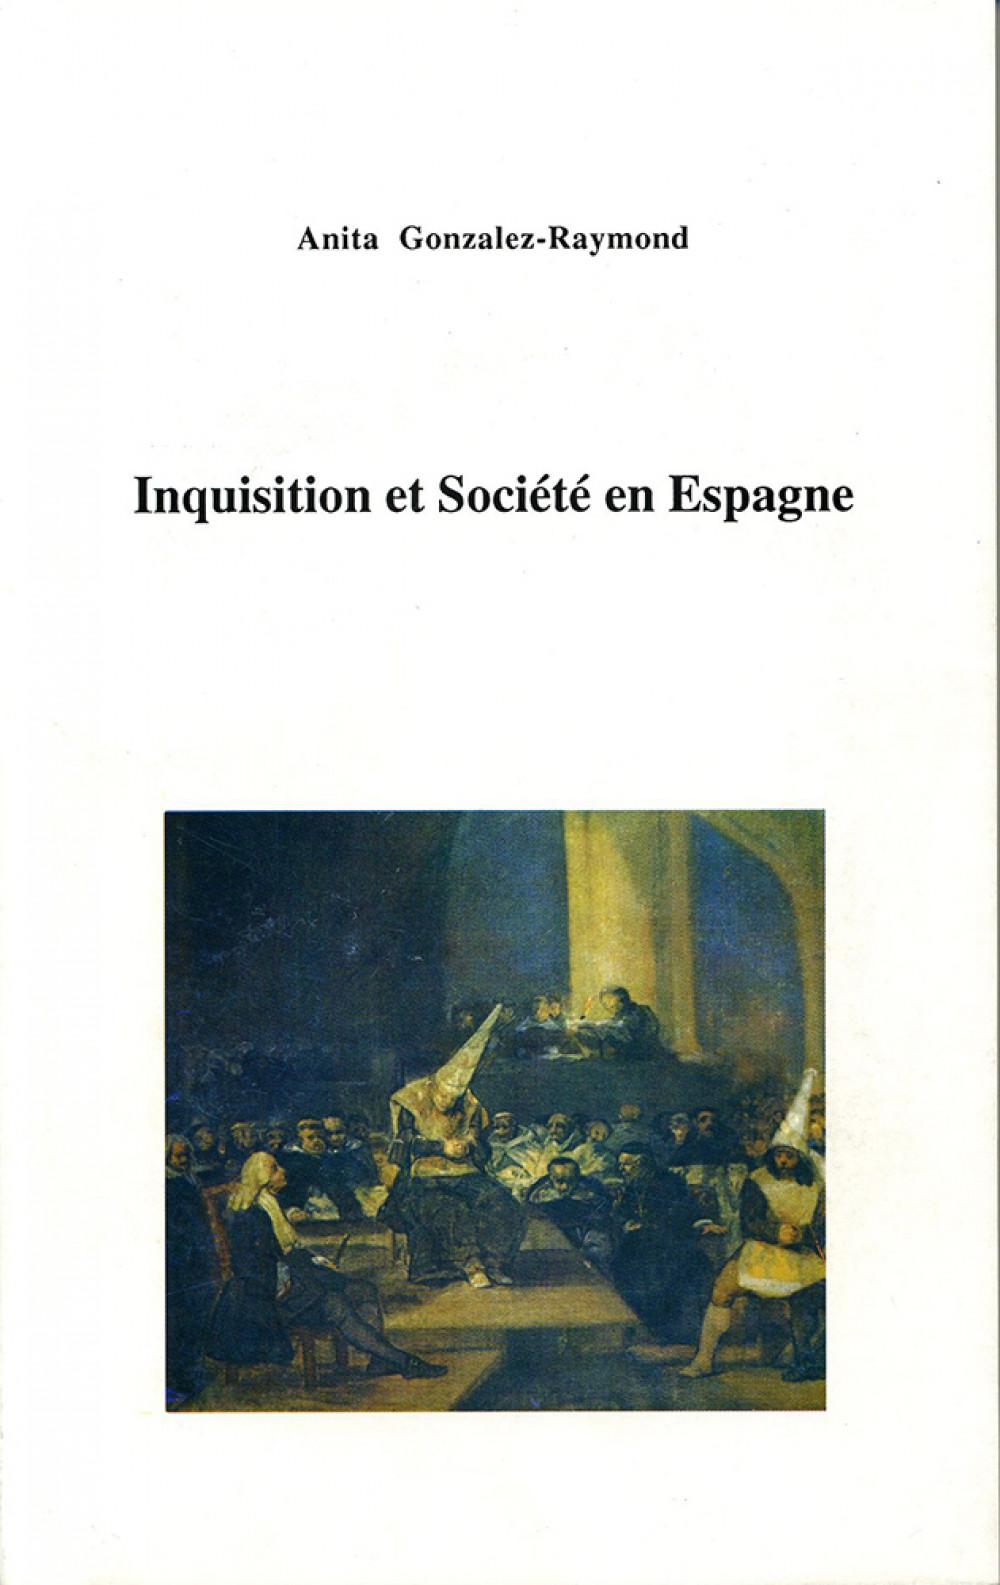 Inquisition et Société en Espagne